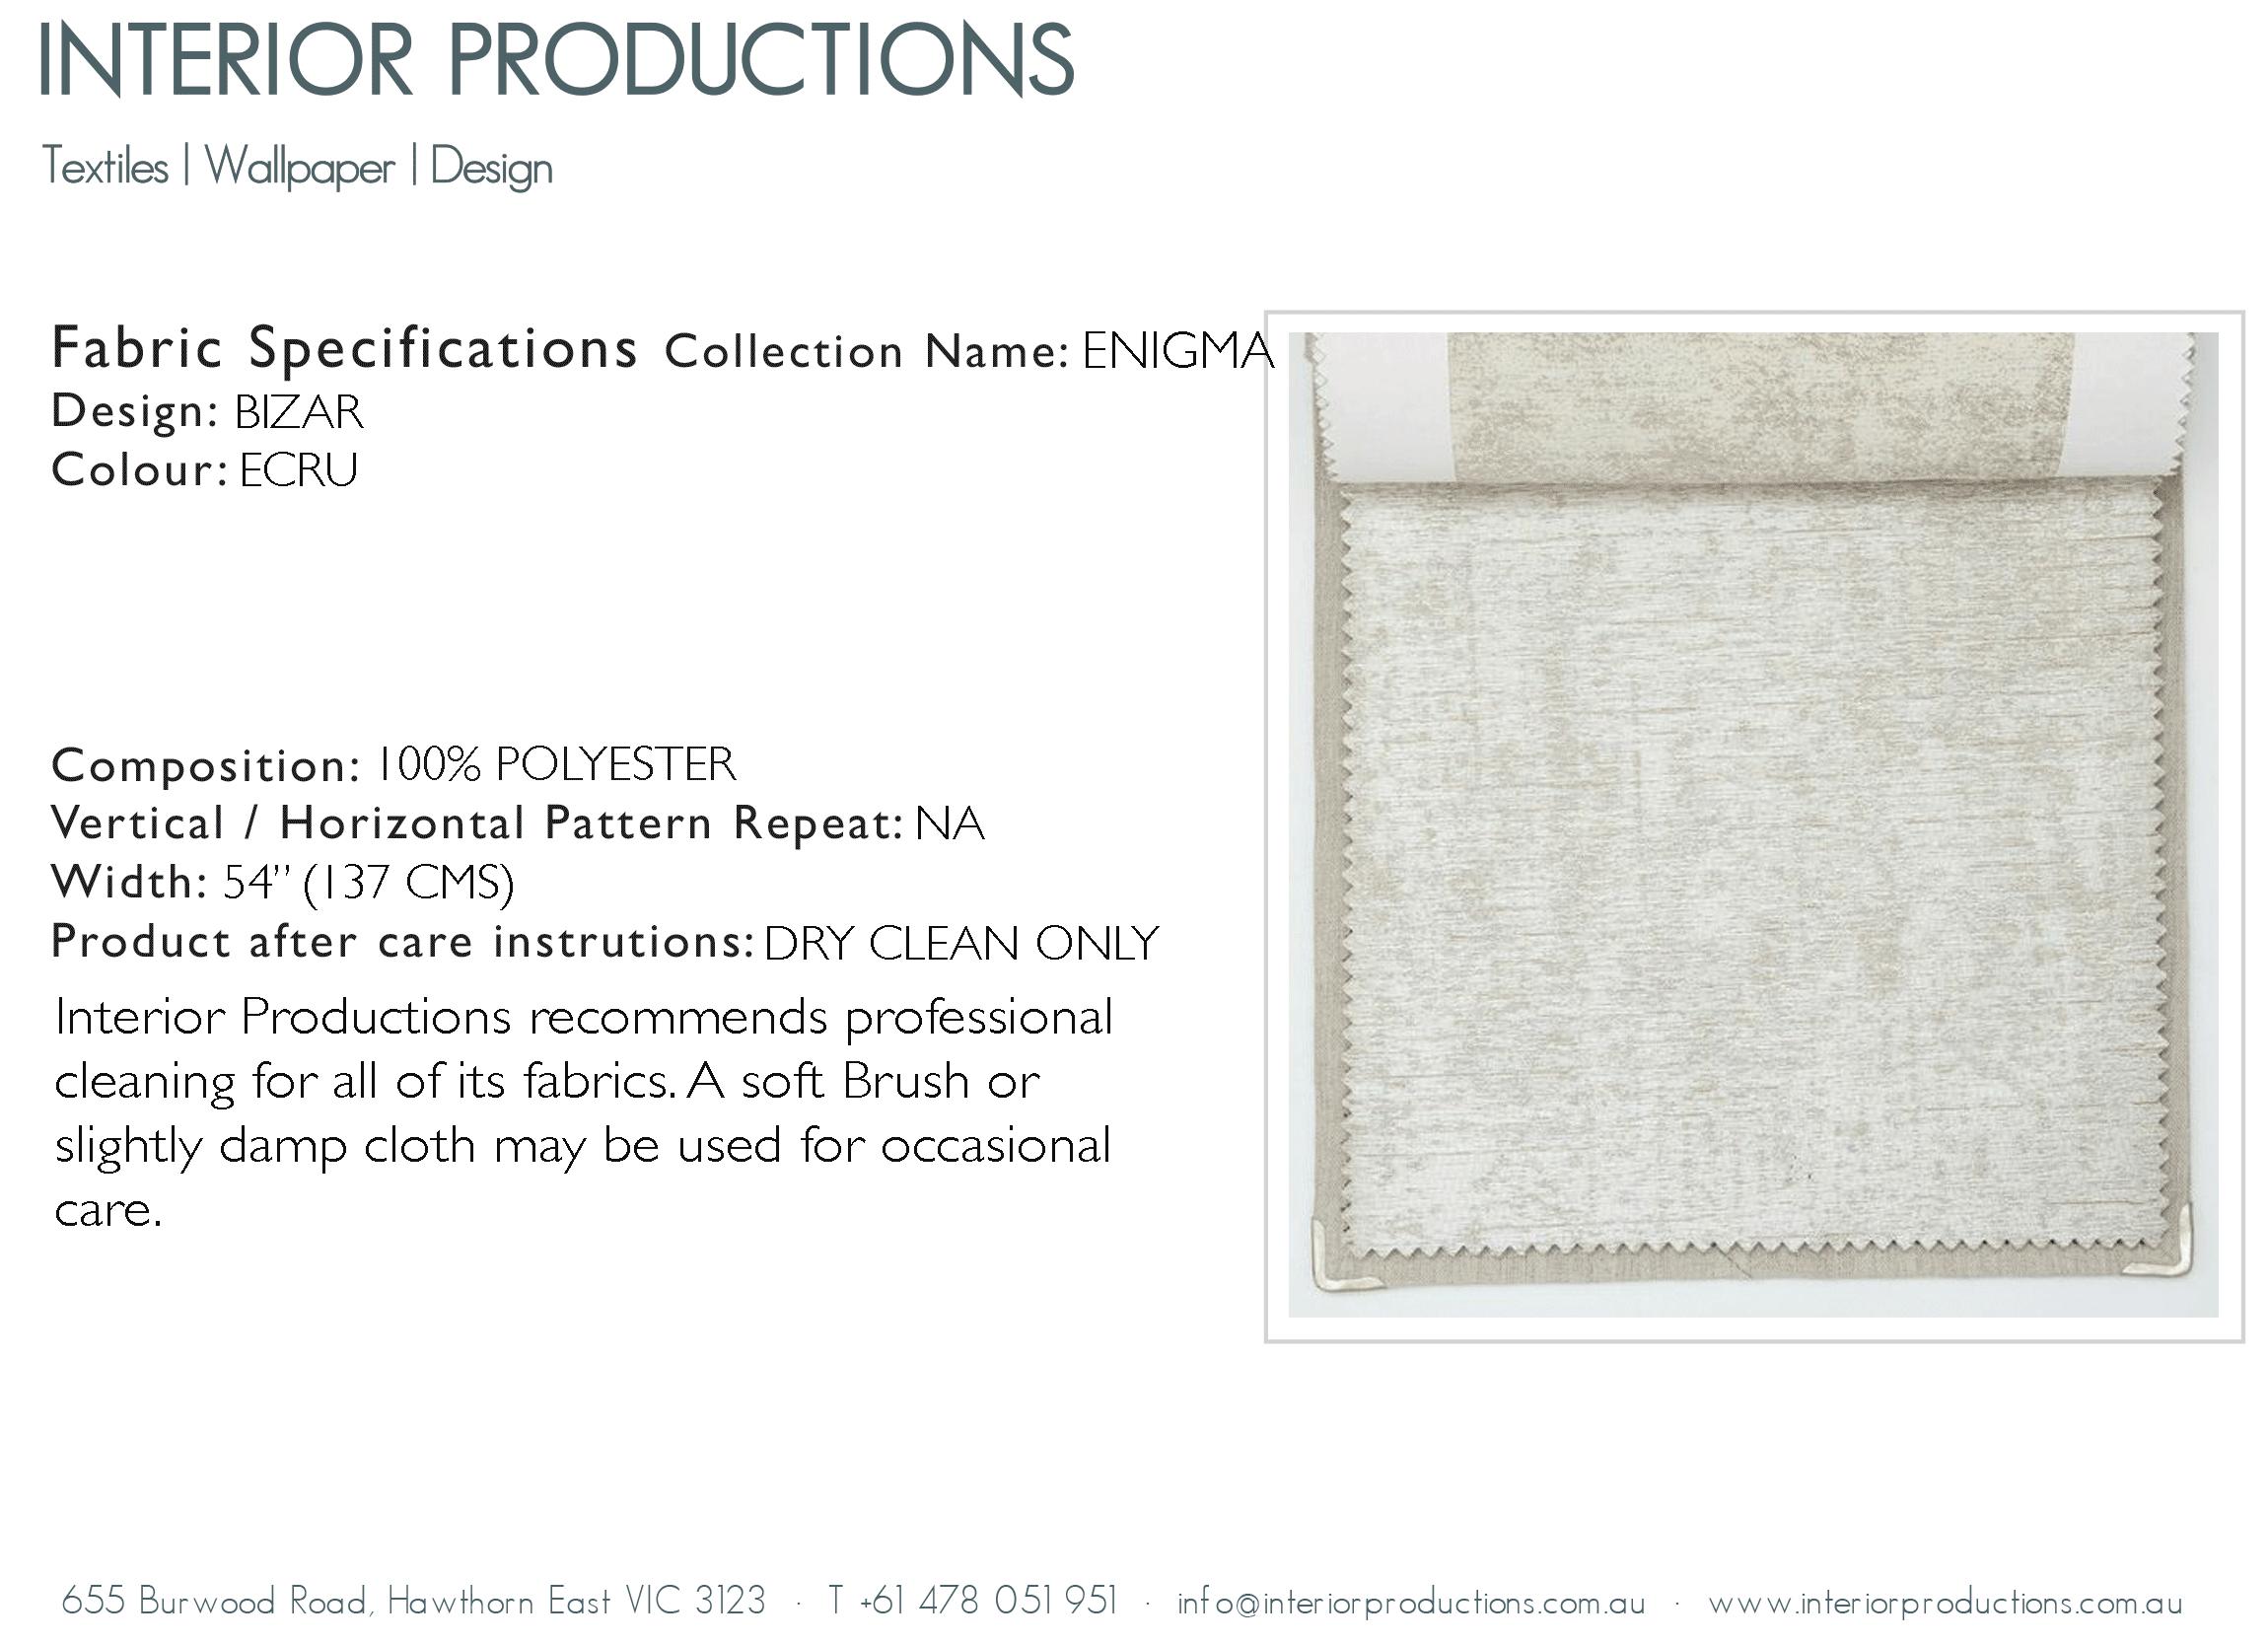 interior_productions_BIZAR---ECRU